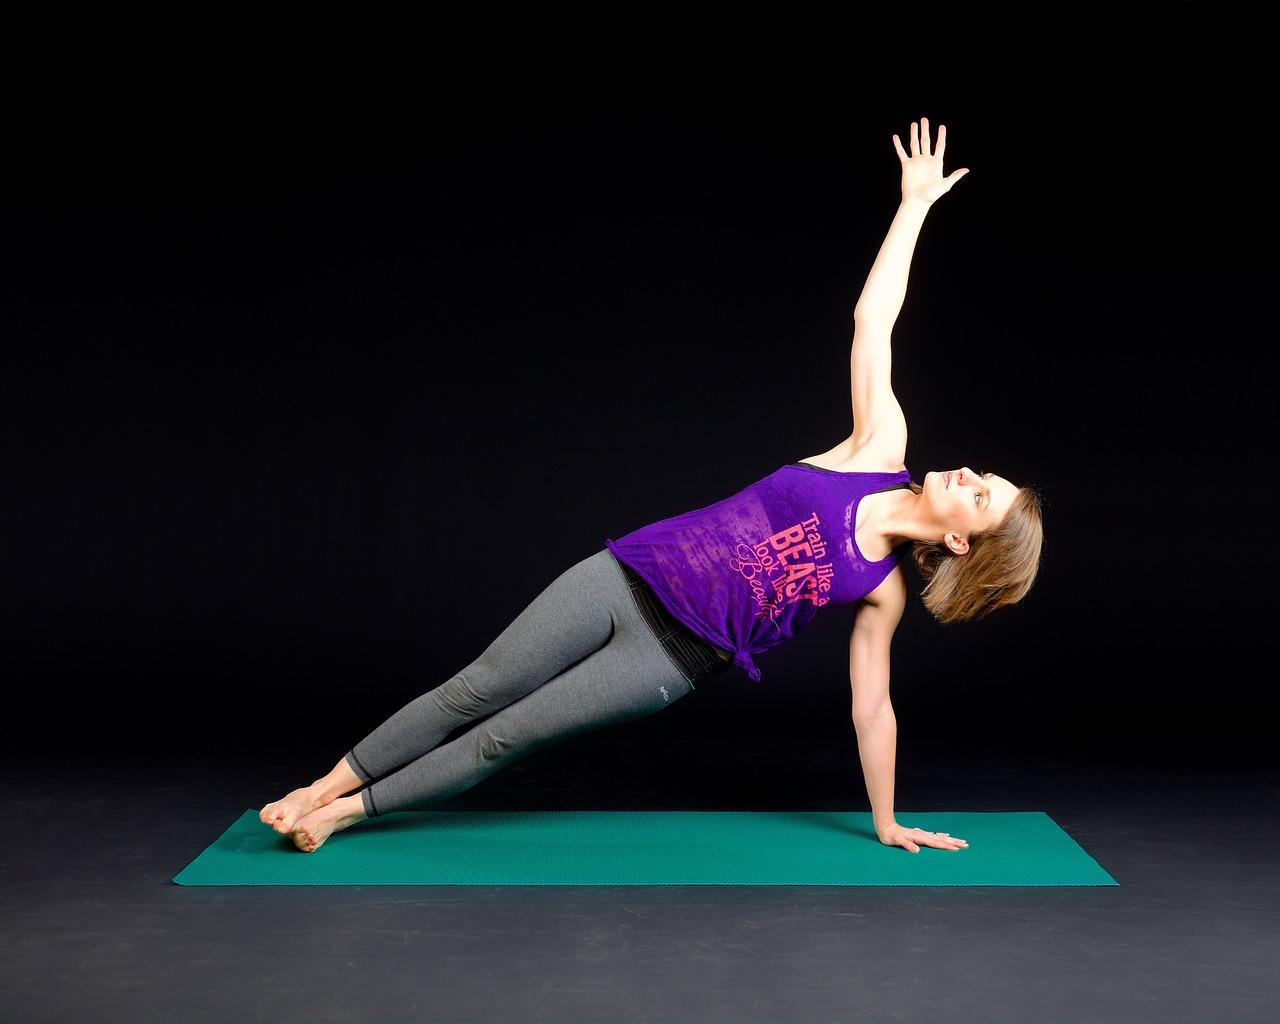 Mitos y verdades de hacer ejercicio y bajar de peso